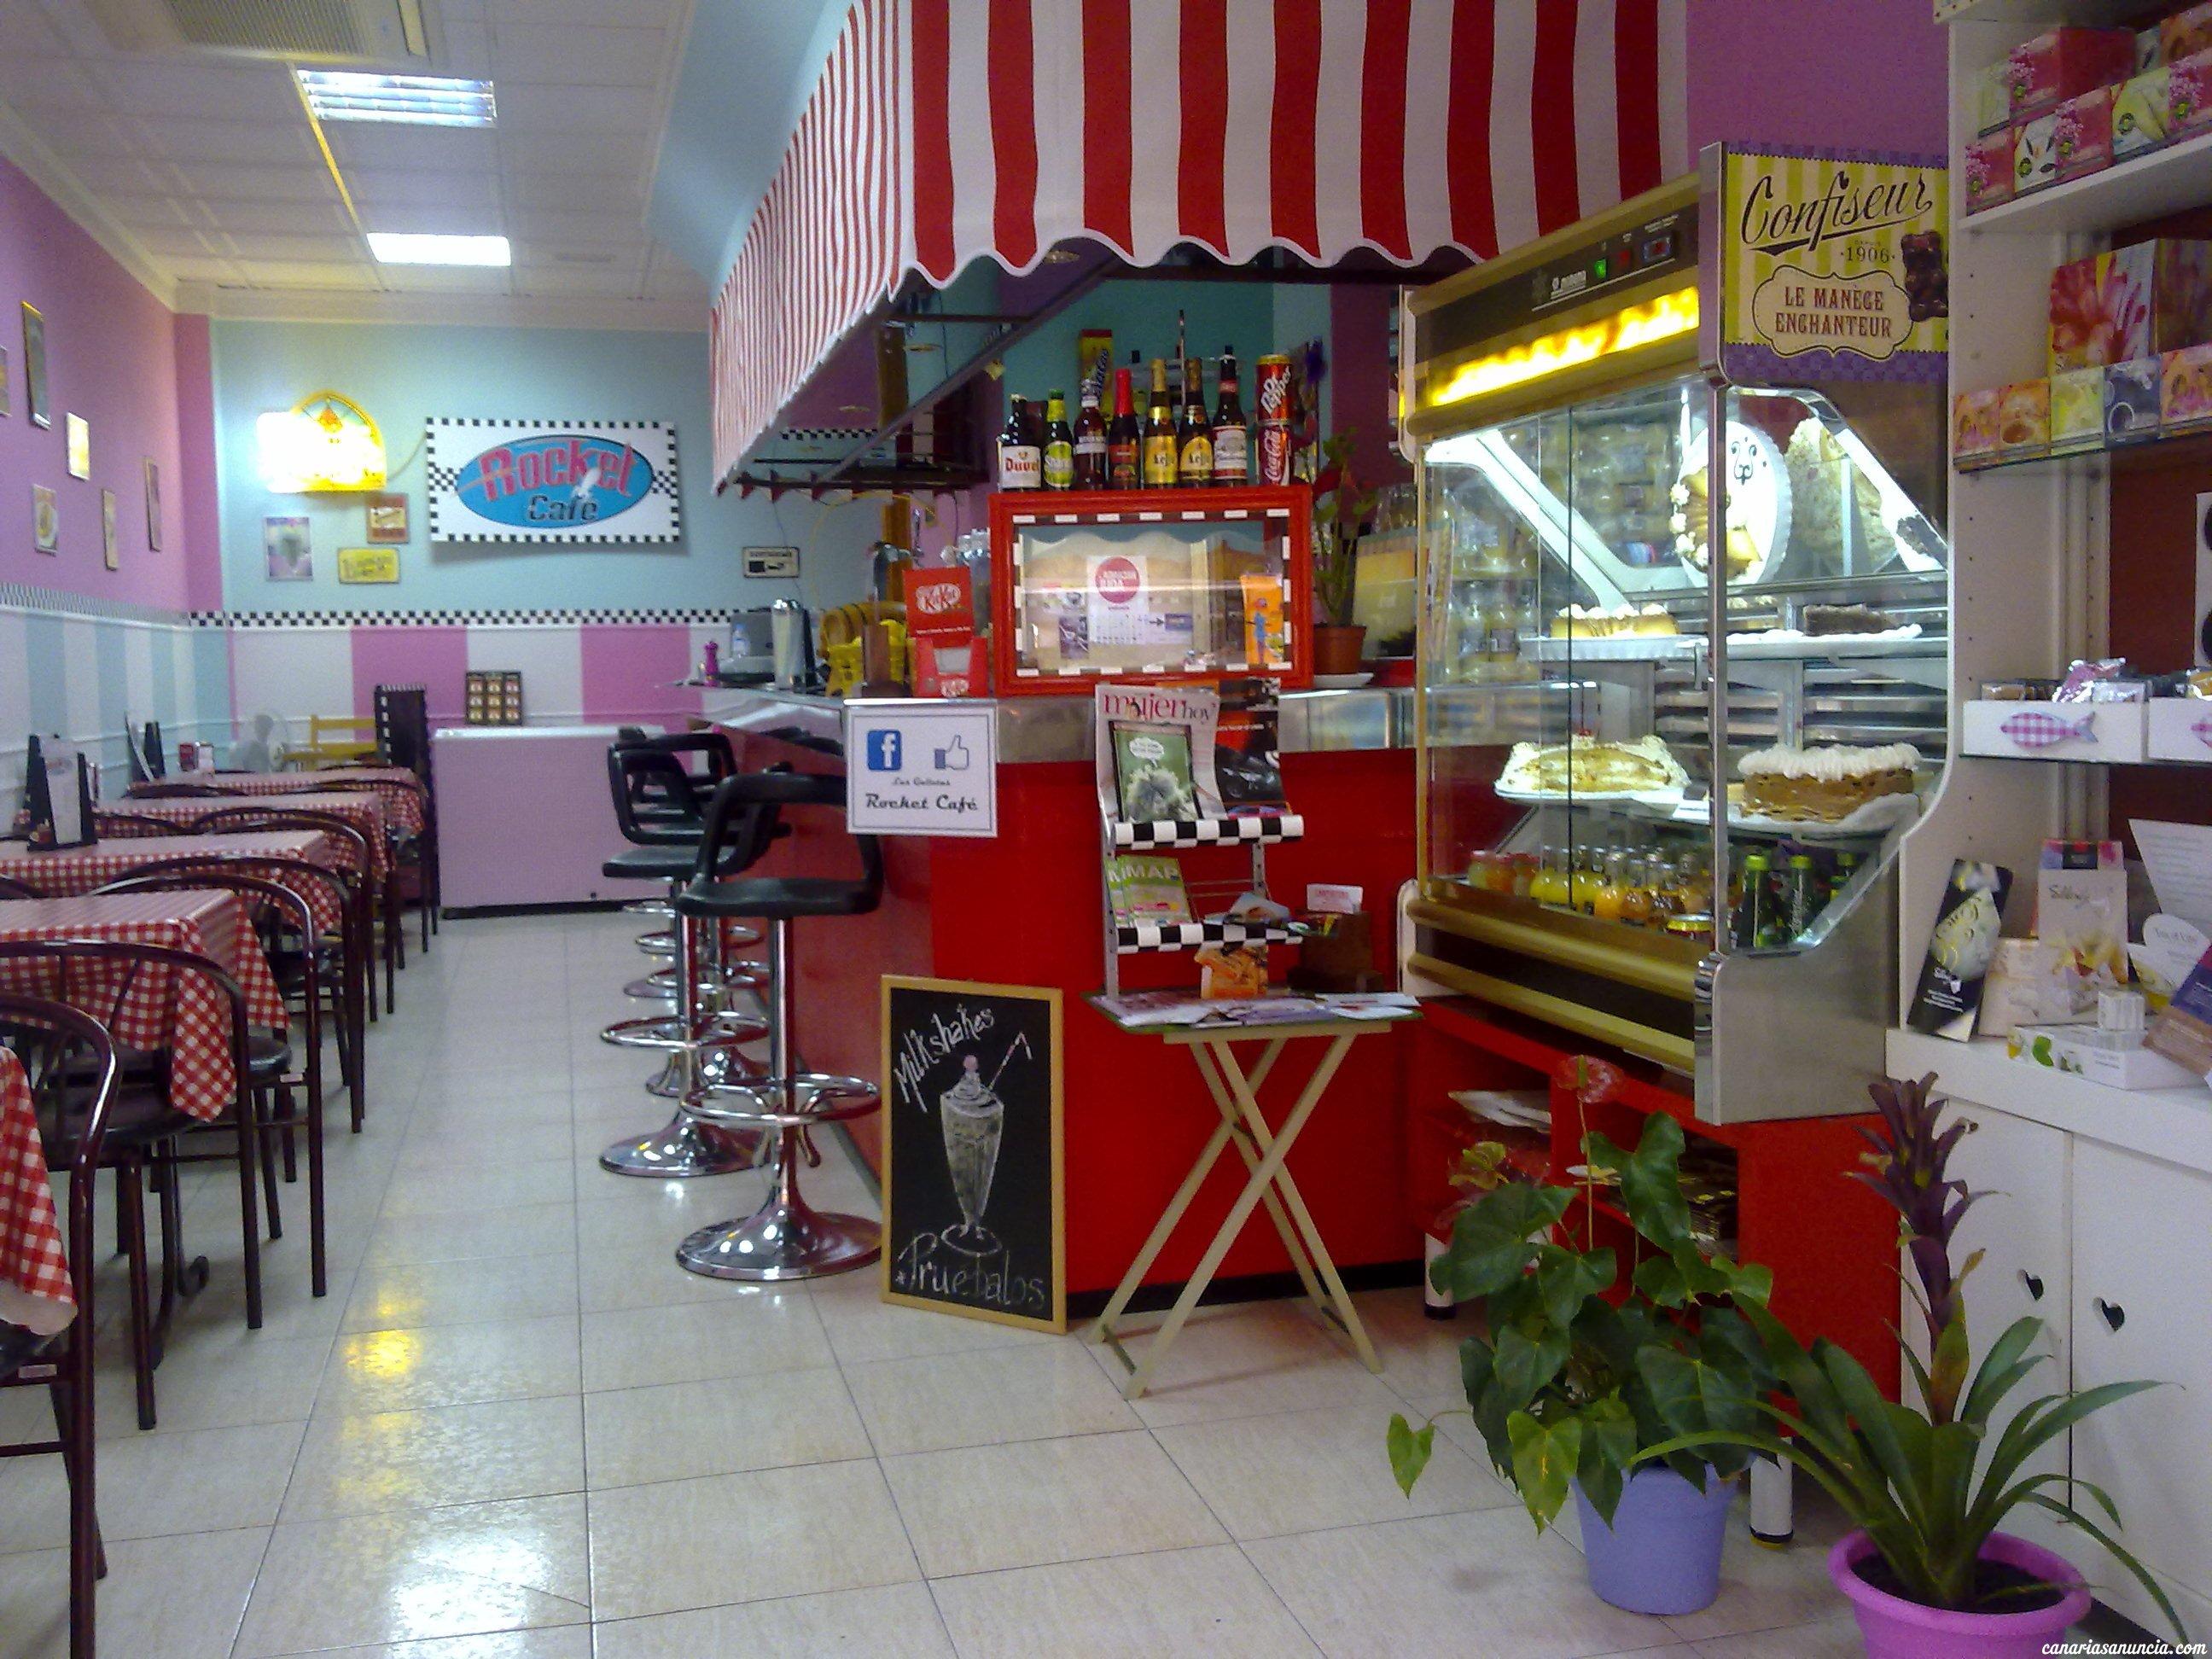 Rocket Café - 0_25107_1